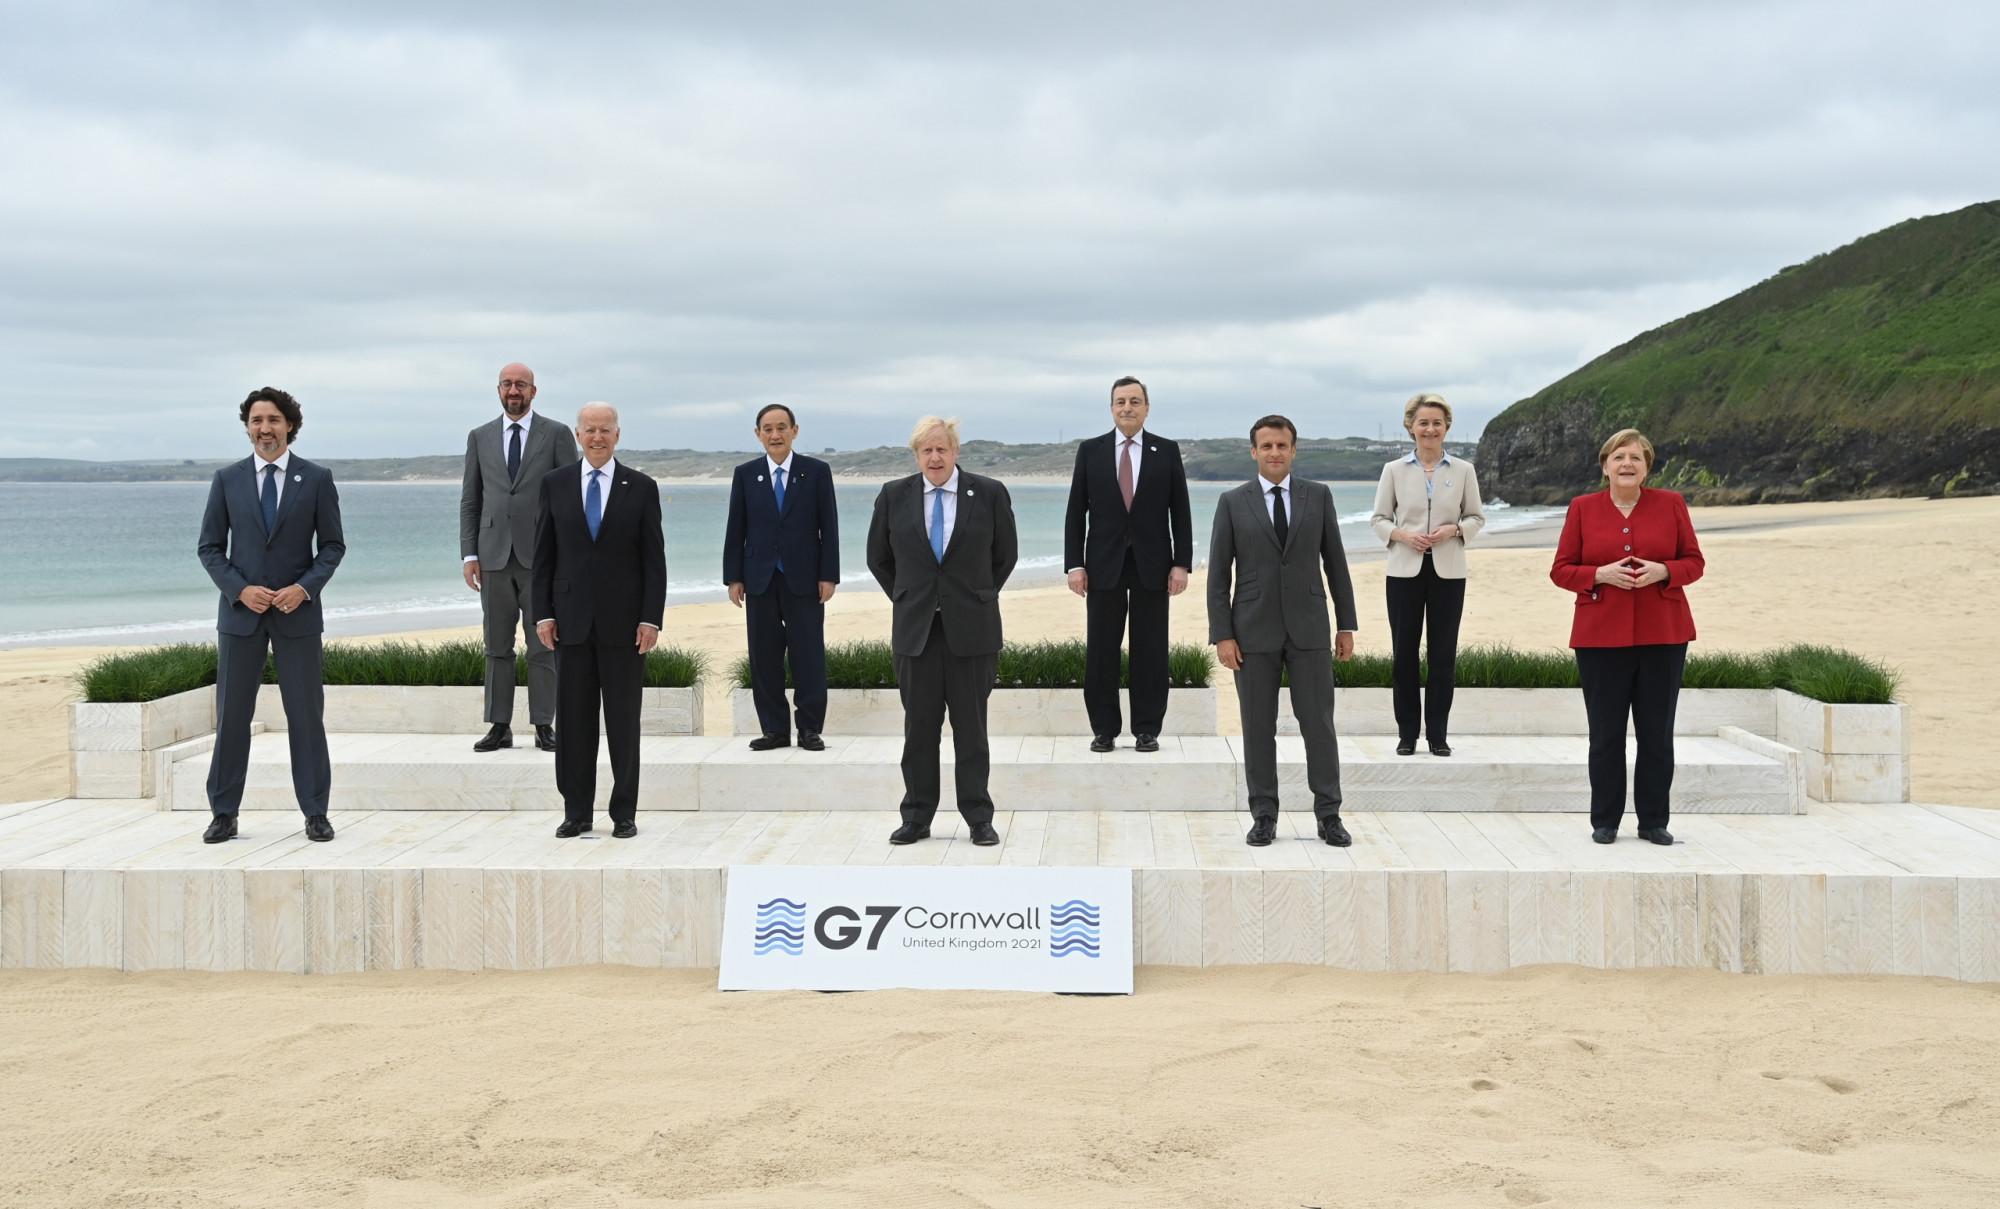 Hội nghị thượng đỉnh các nước G7 hiện đang diễn ra từ 11–13/6/2021 tại Cornwall , Anh